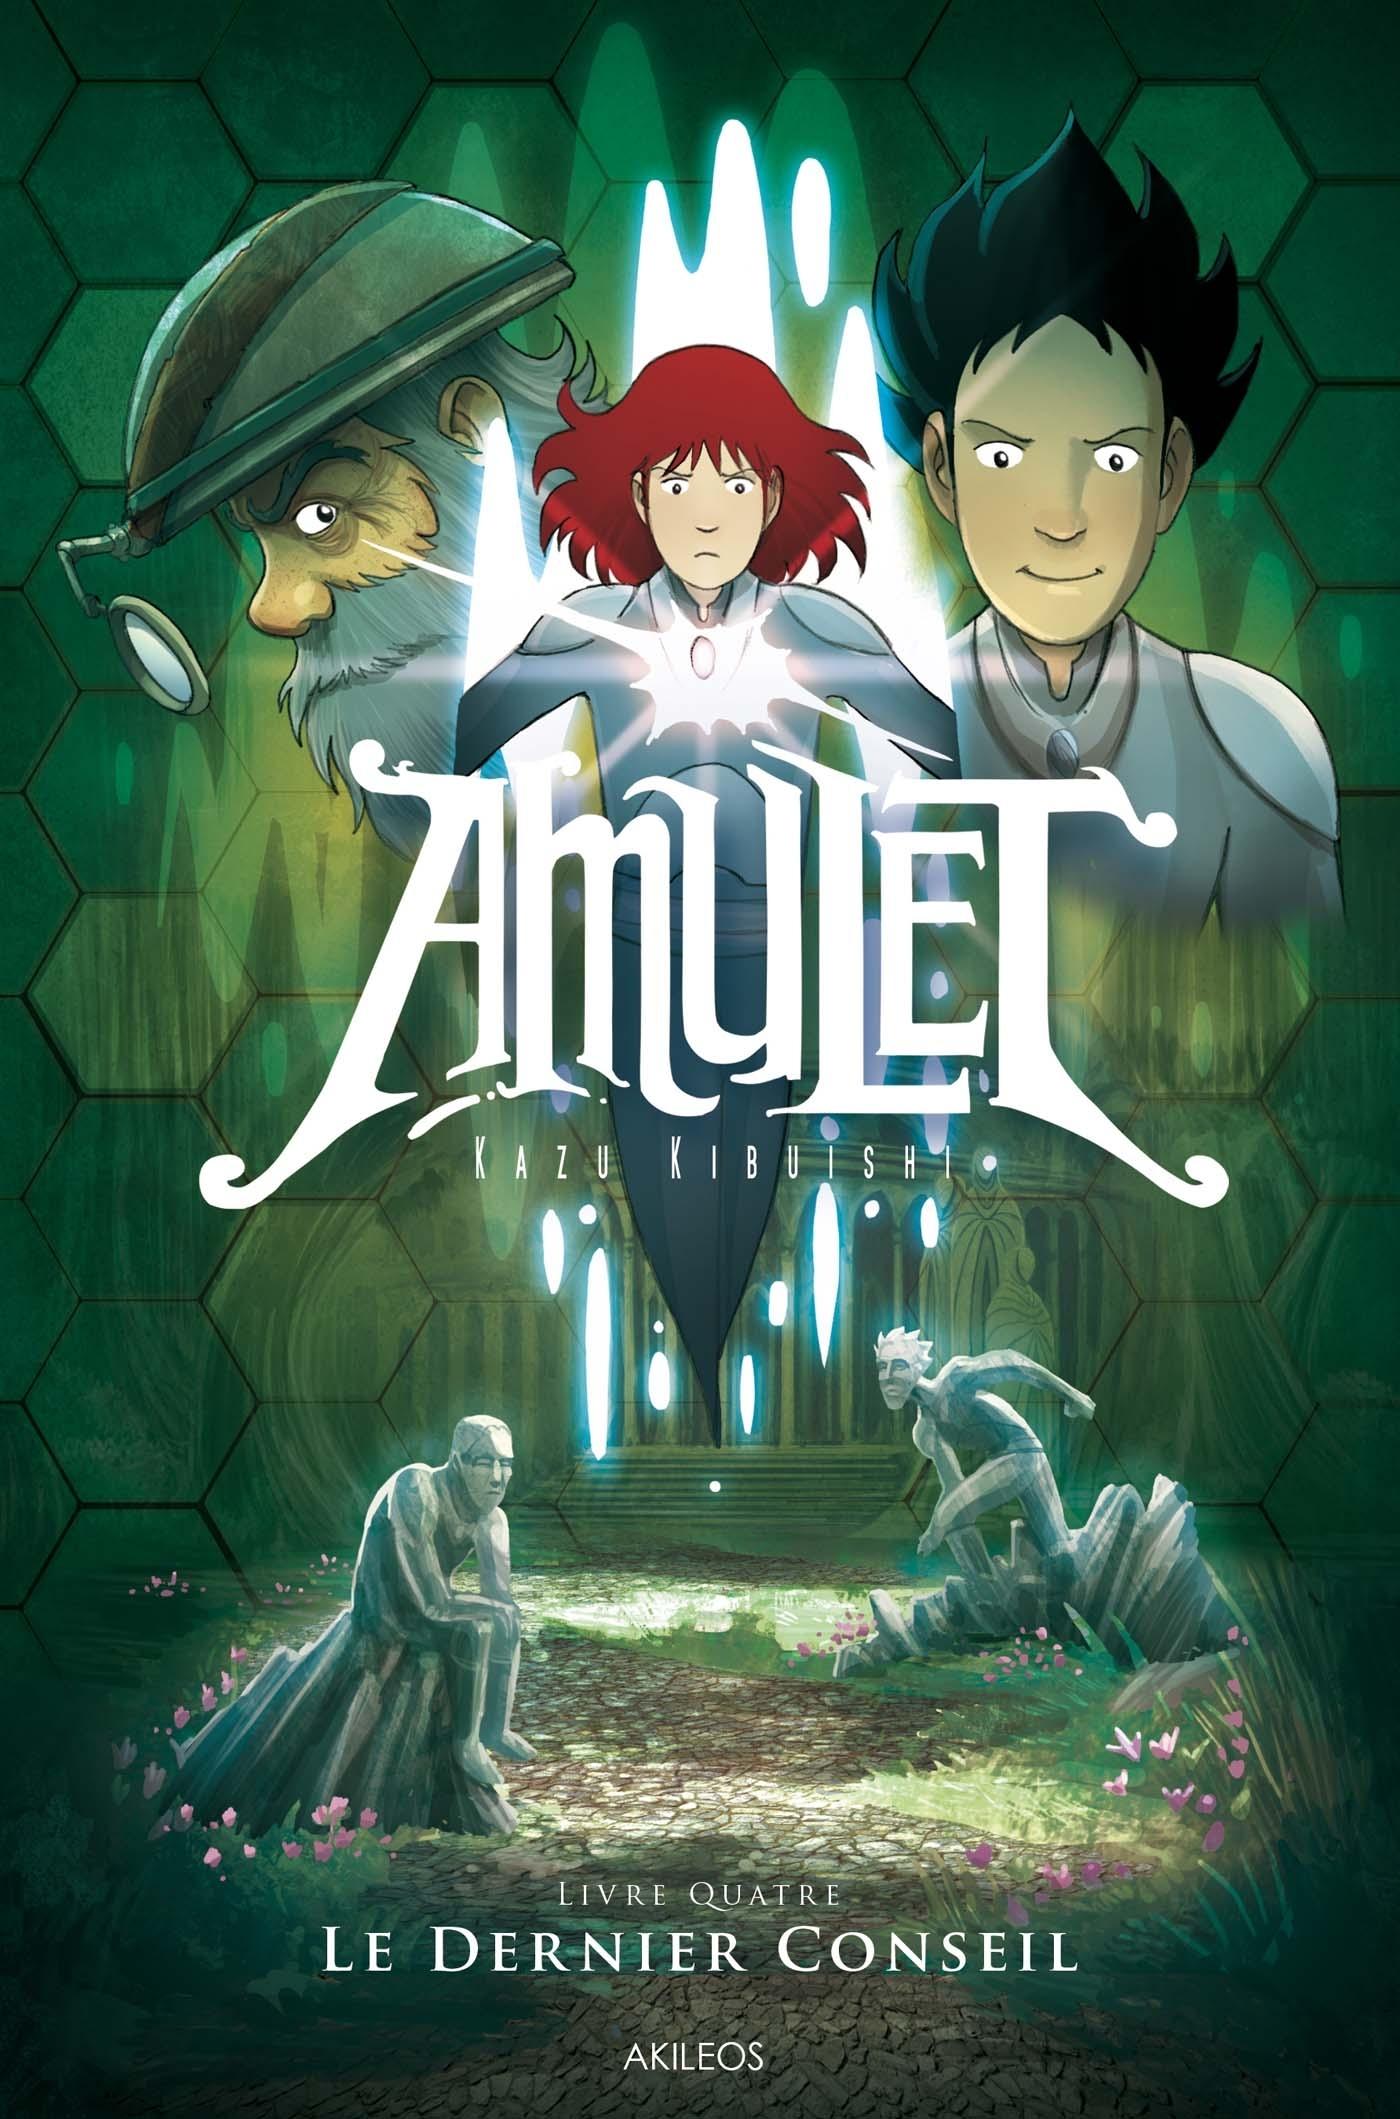 AMULET T4 - LE DERNIER CONSEIL